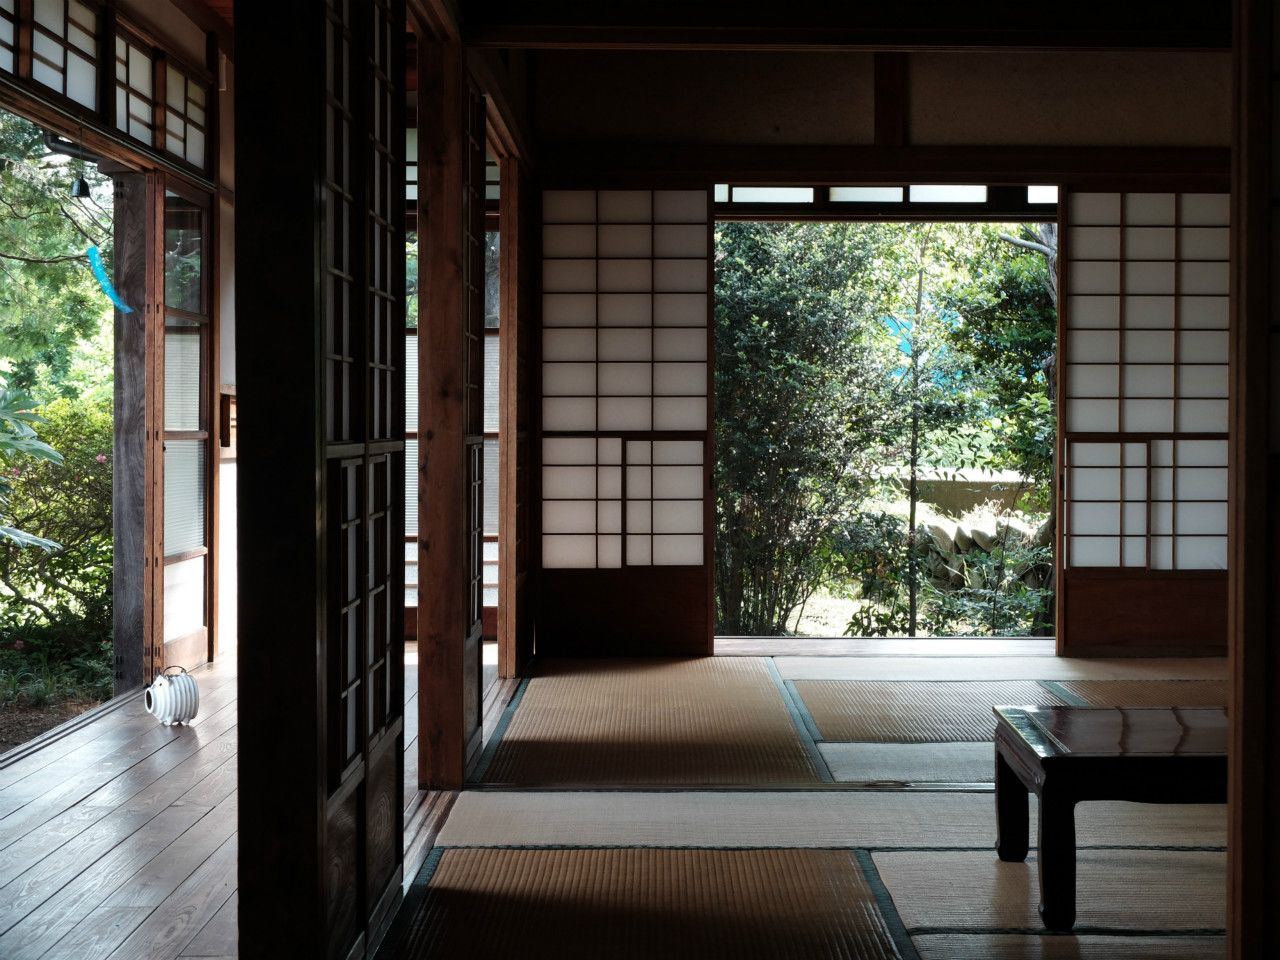 昭和20年代に建てられ当時のまま残る一軒家のロケ地 撮影スタジオです